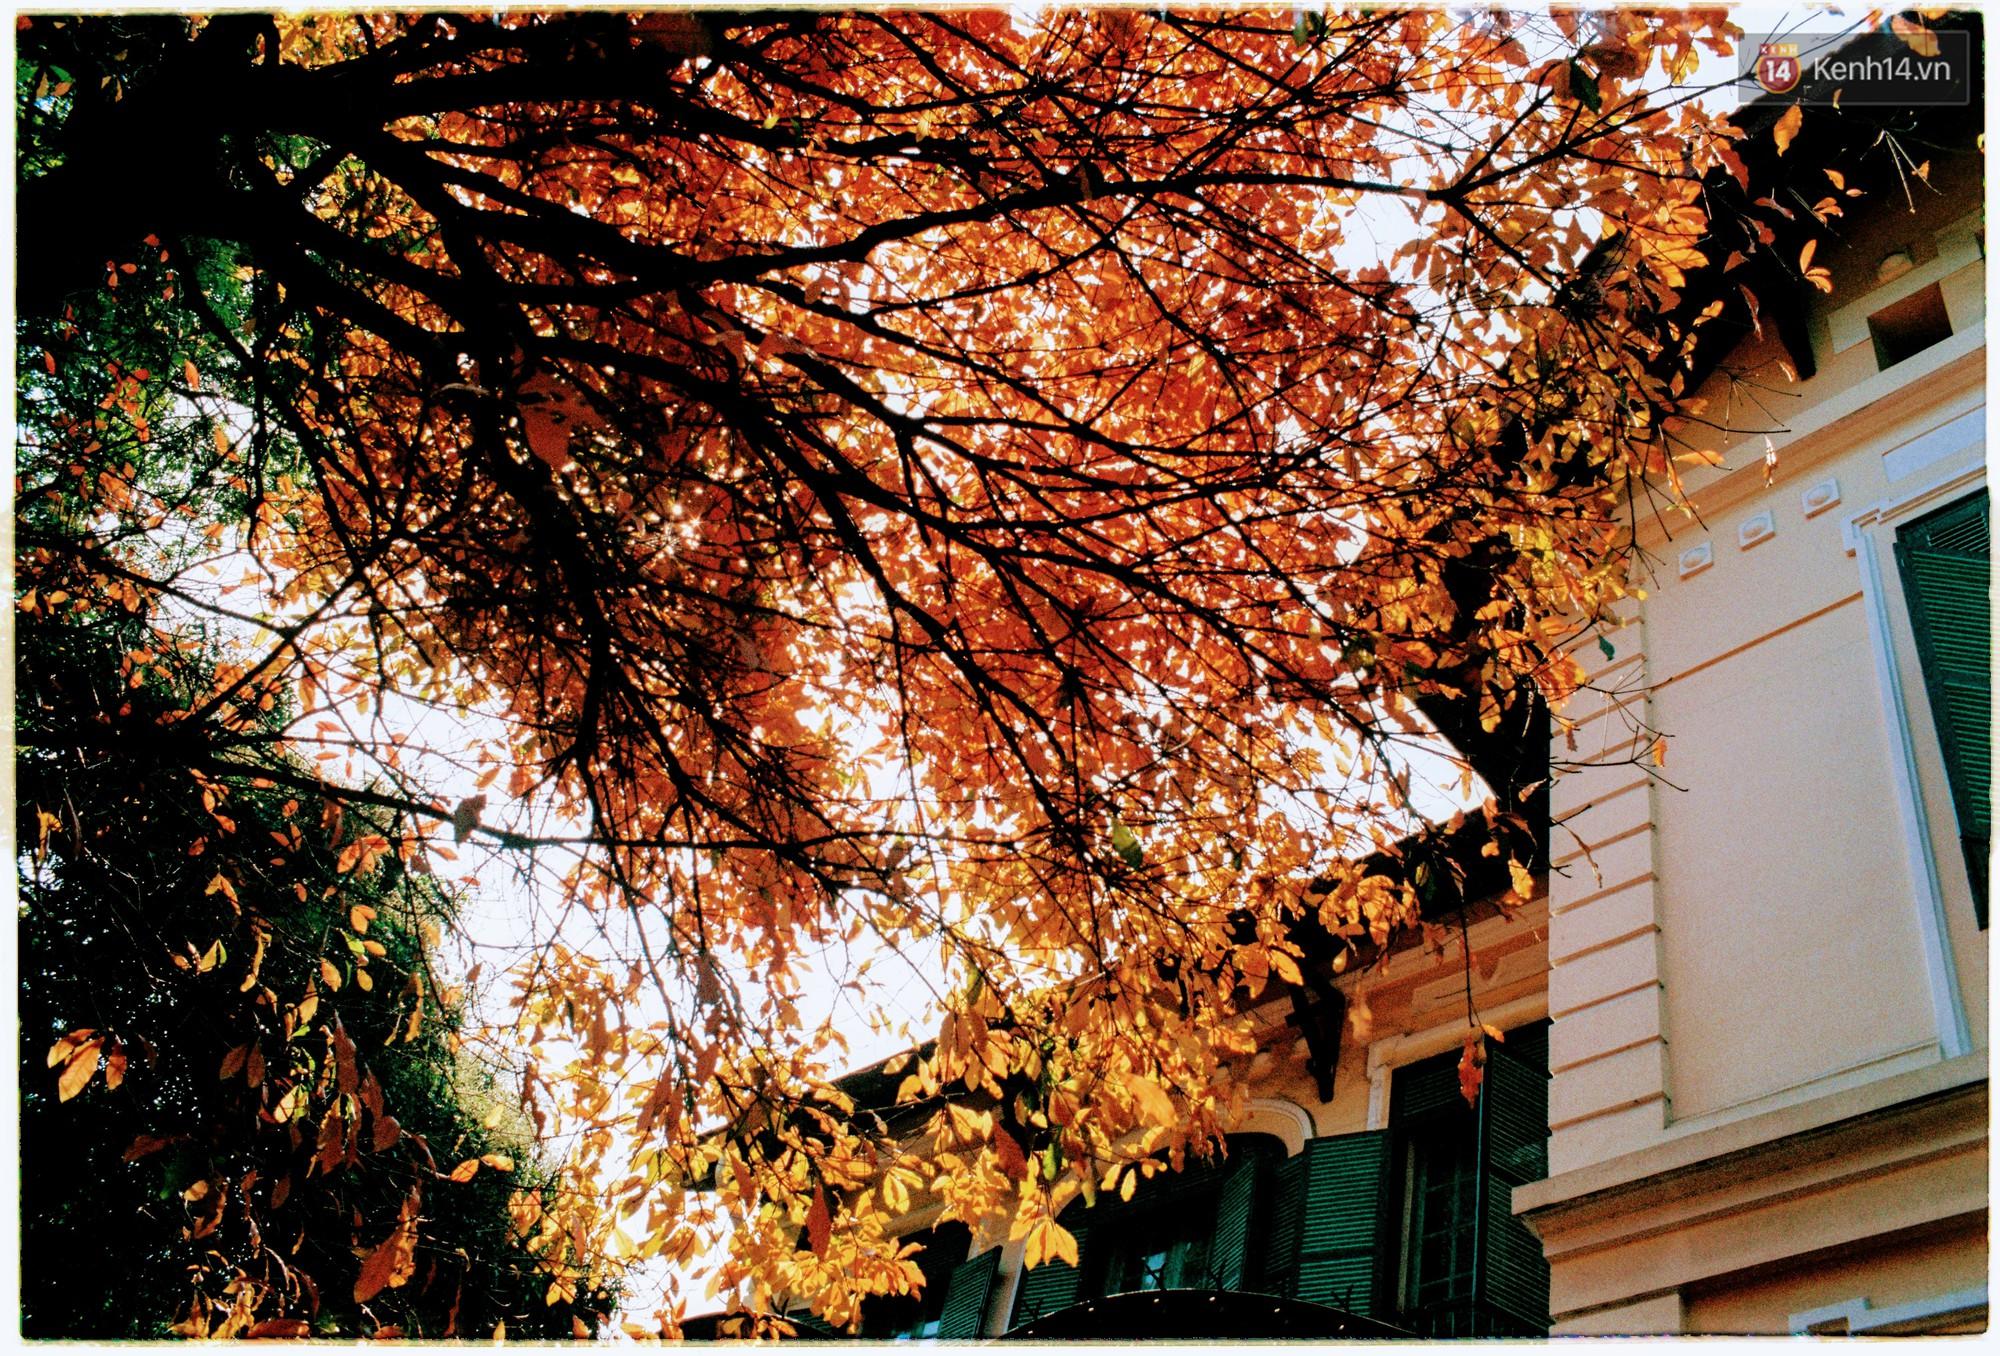 Hà Nội những ngày se lạnh, nắng đẹp và lá đỏ rợp góc phố - Ảnh 14.